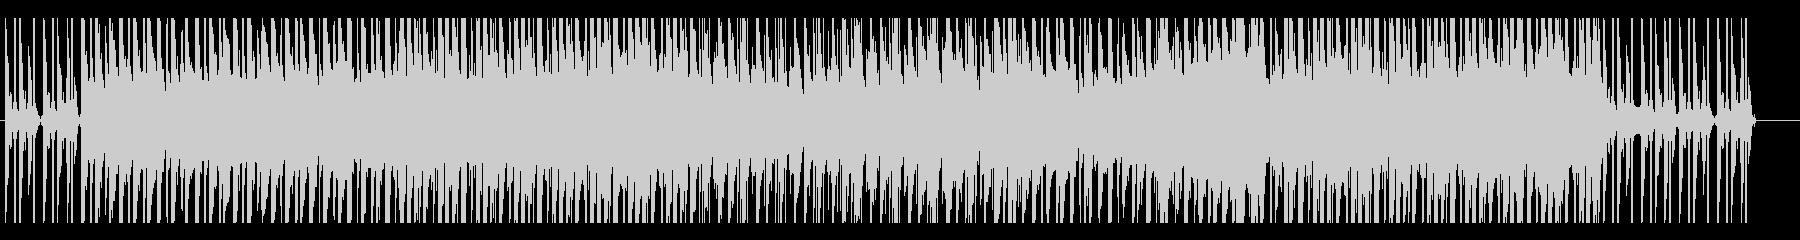 夕陽の似合う叙情的なスローEDMの未再生の波形